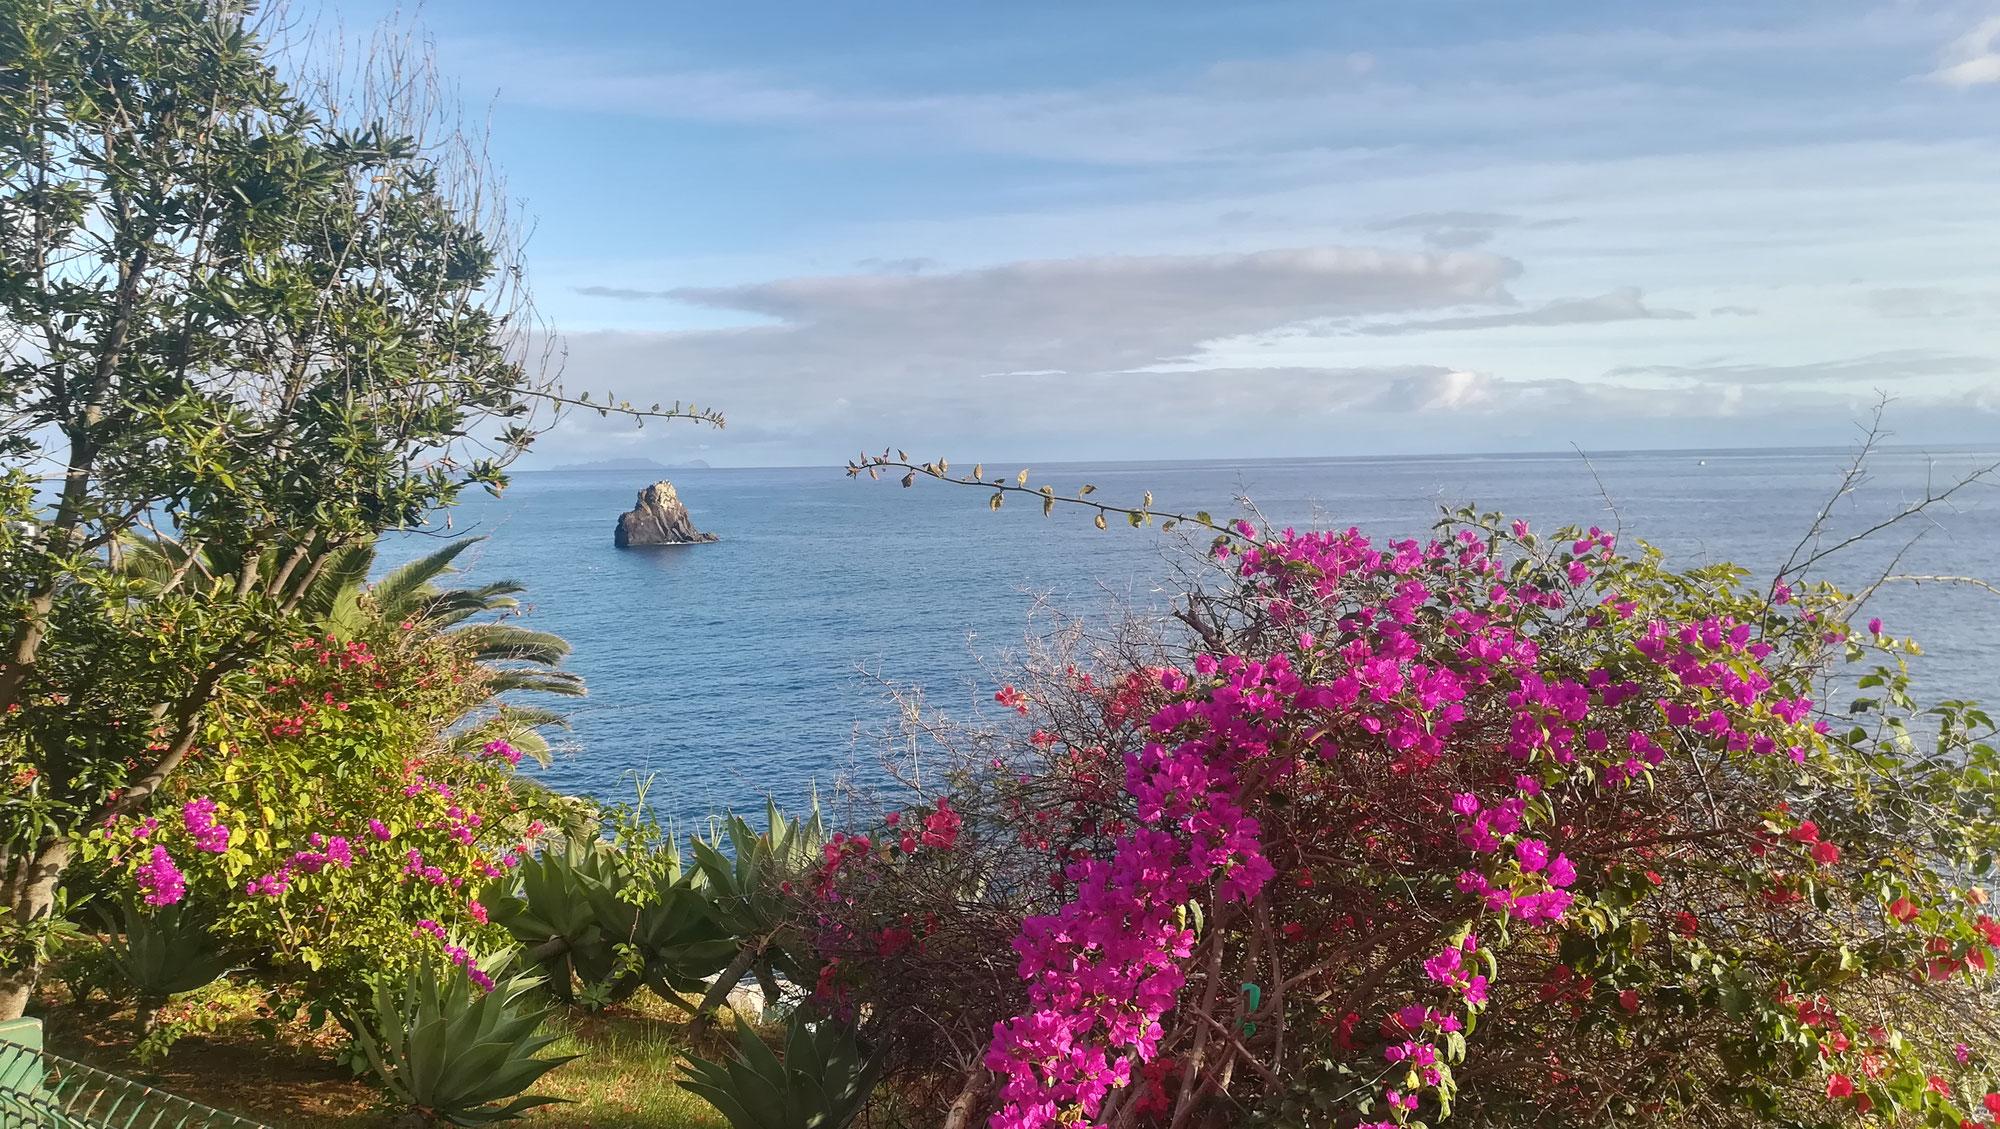 Madeira Urlaub - Norden oder Süden?